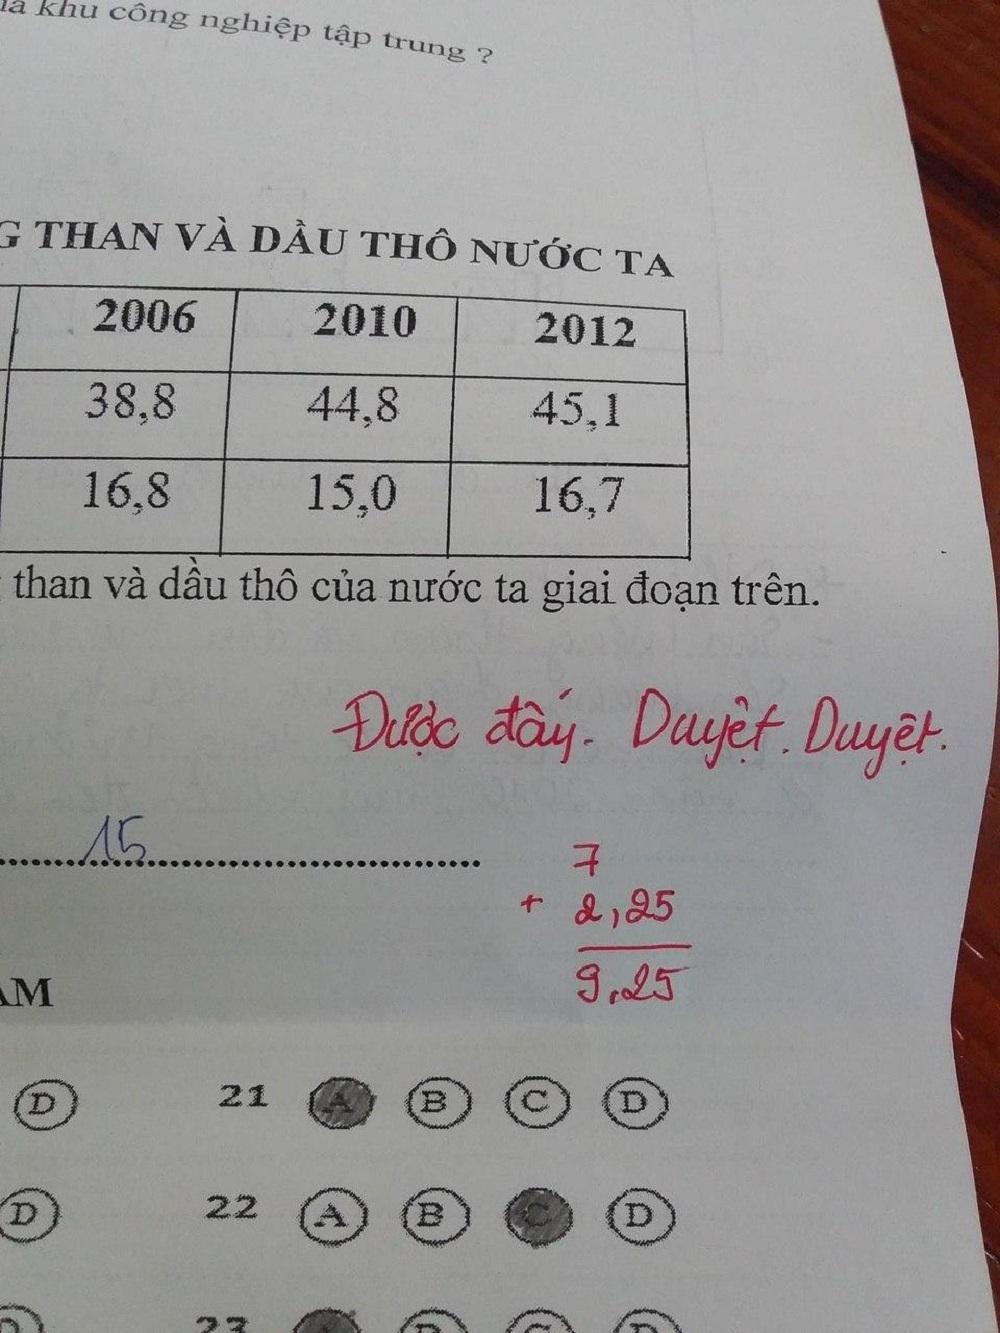 Đầu tiên, một bài kiểm tra đạt 9,25 điểm, người chấm dường như cũng mừng thay: Được đấy, duyệt, duyệt.